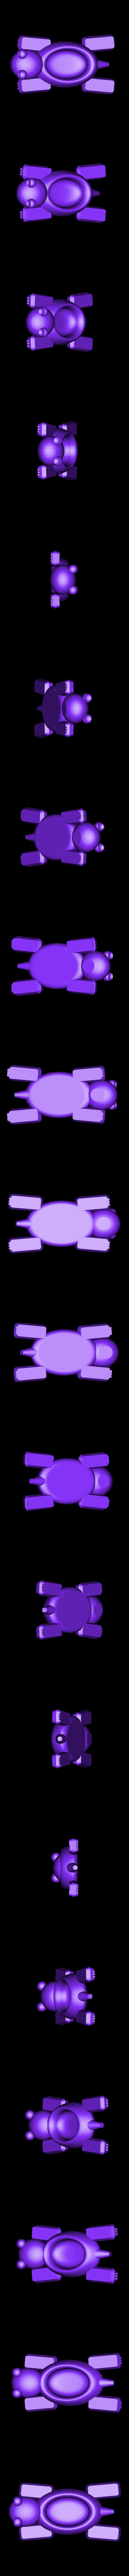 turtlefinal.stl Télécharger fichier STL gratuit Bateau tortue • Design pour imprimante 3D, Kajdalon